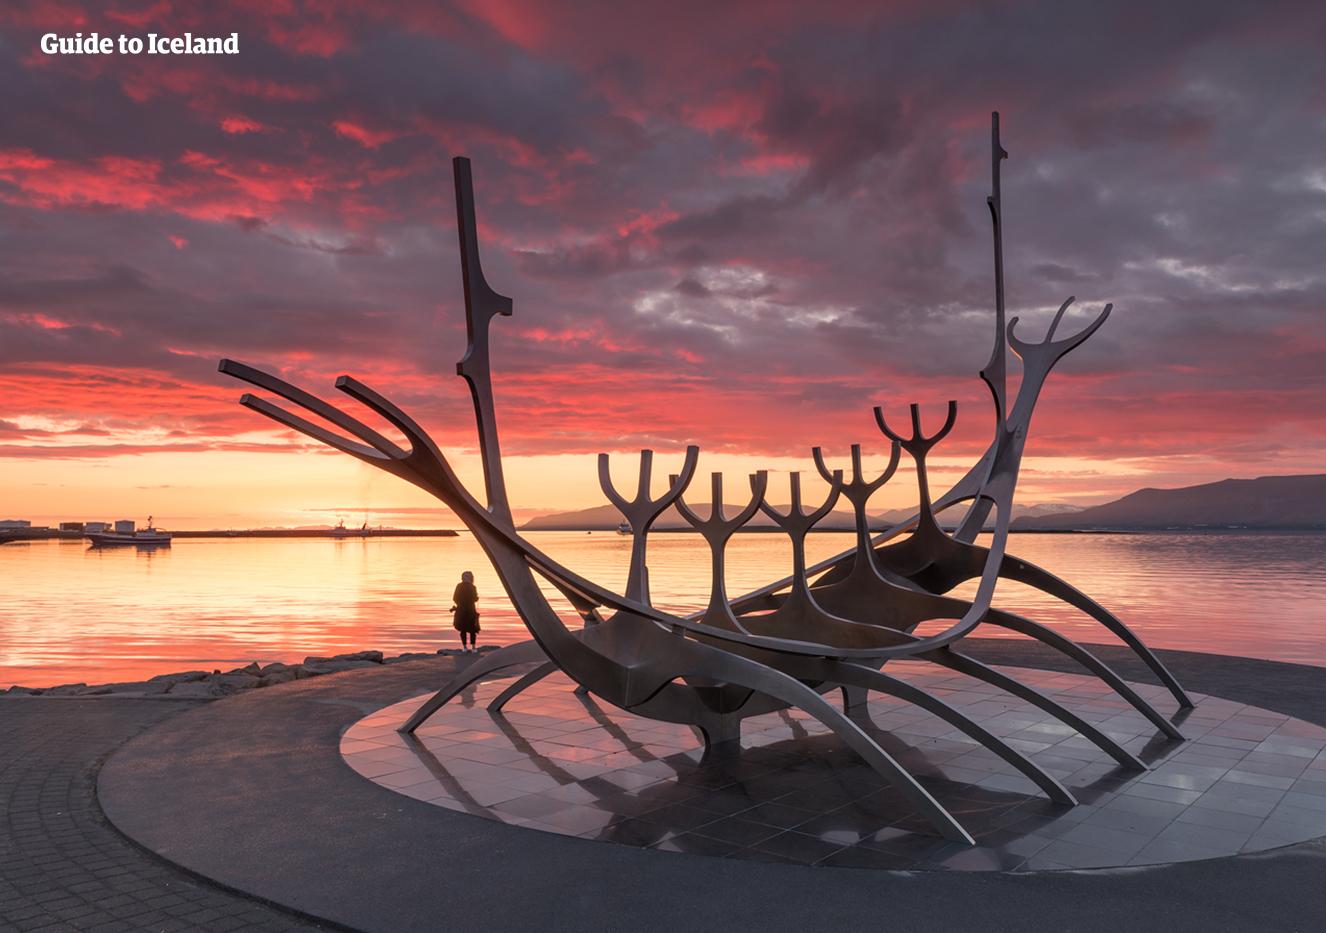 """""""นักสำรวจพระอาทิตย์"""" คือประติมากรรมโลหะรูปเรือยาวที่เล่าถึงประวัติศาสตร์ของไอซ์แลนด์ที่ได้ถูกก่อตั้งโดยชาวไวกิ้ง"""